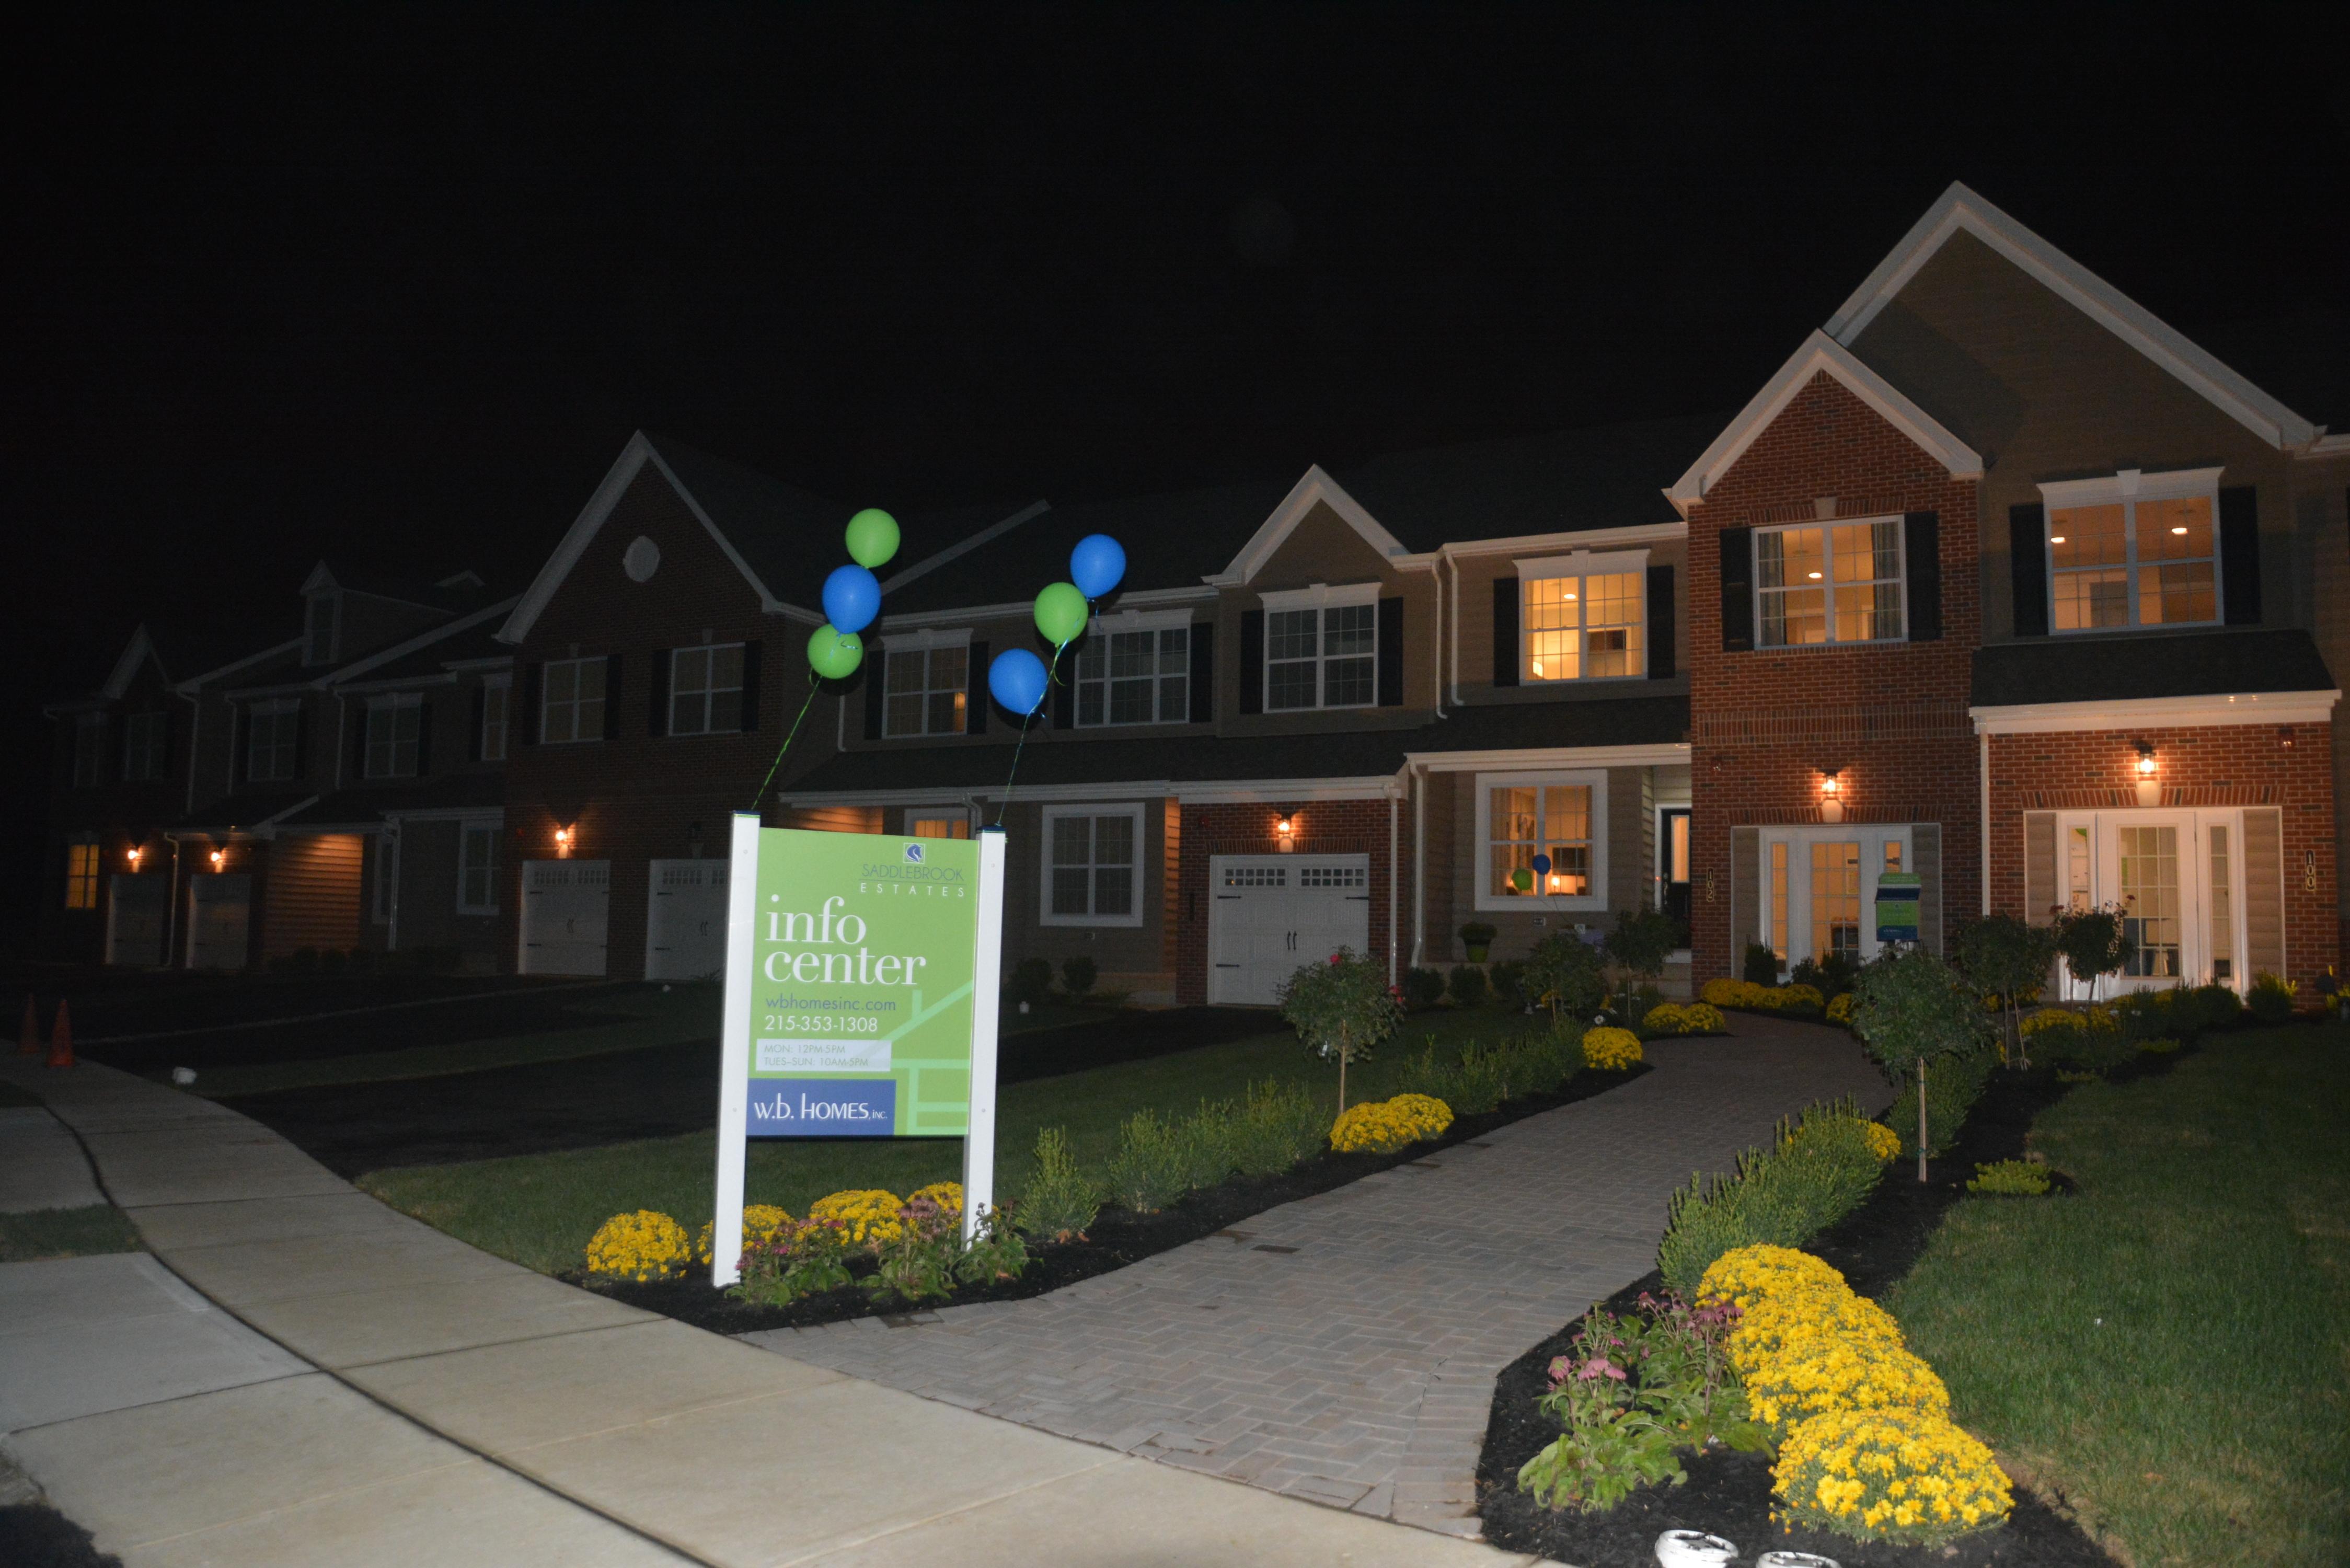 W.B. Homes, Inc. image 12